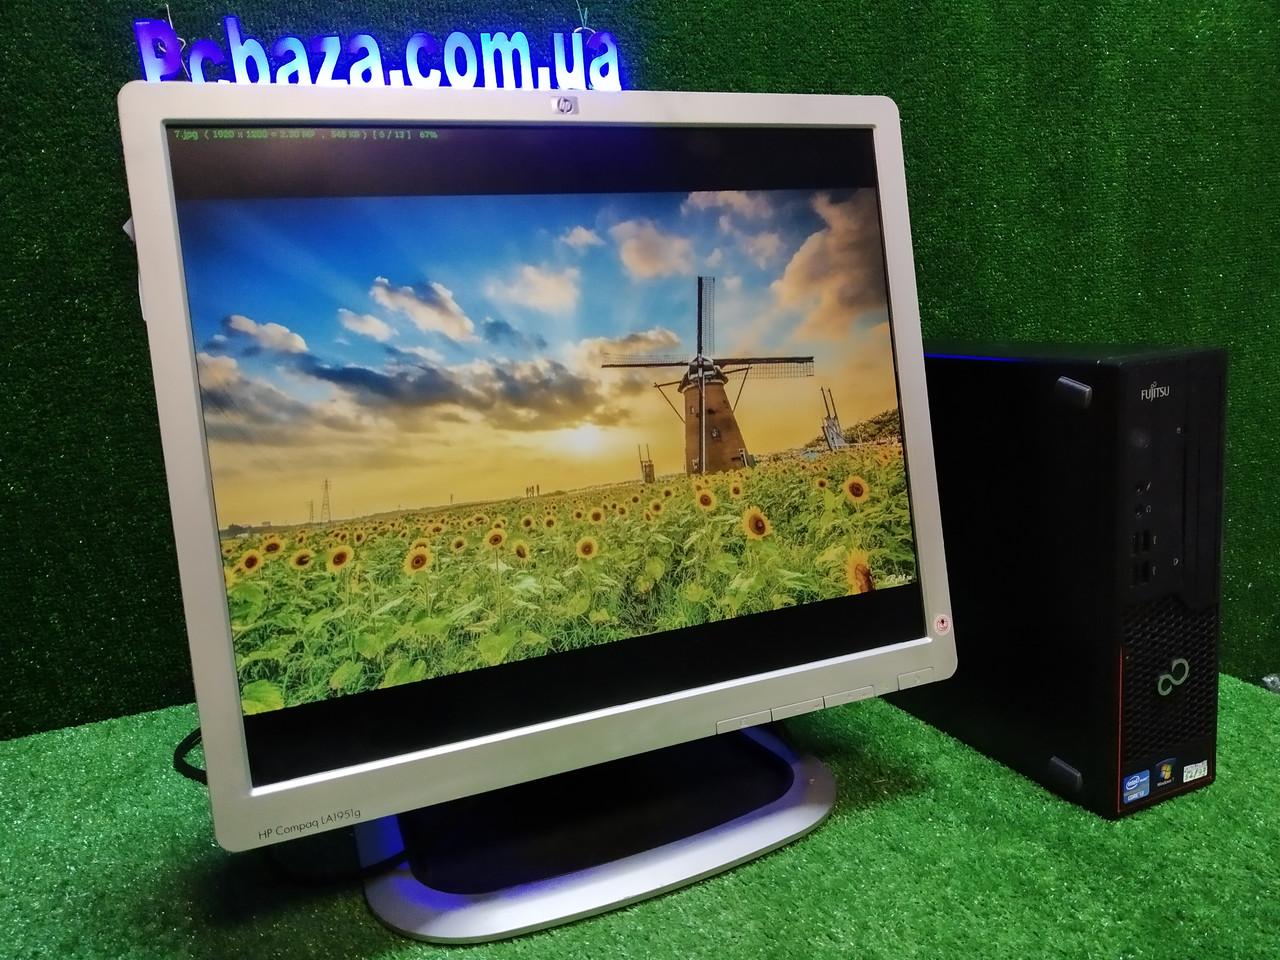 """ПК + монитор 19"""", i3-3220 3.3, 4 ГБ, 500 Гб, 2xCOM, 10 USB, USB 3.0 Настроен. Германия!"""